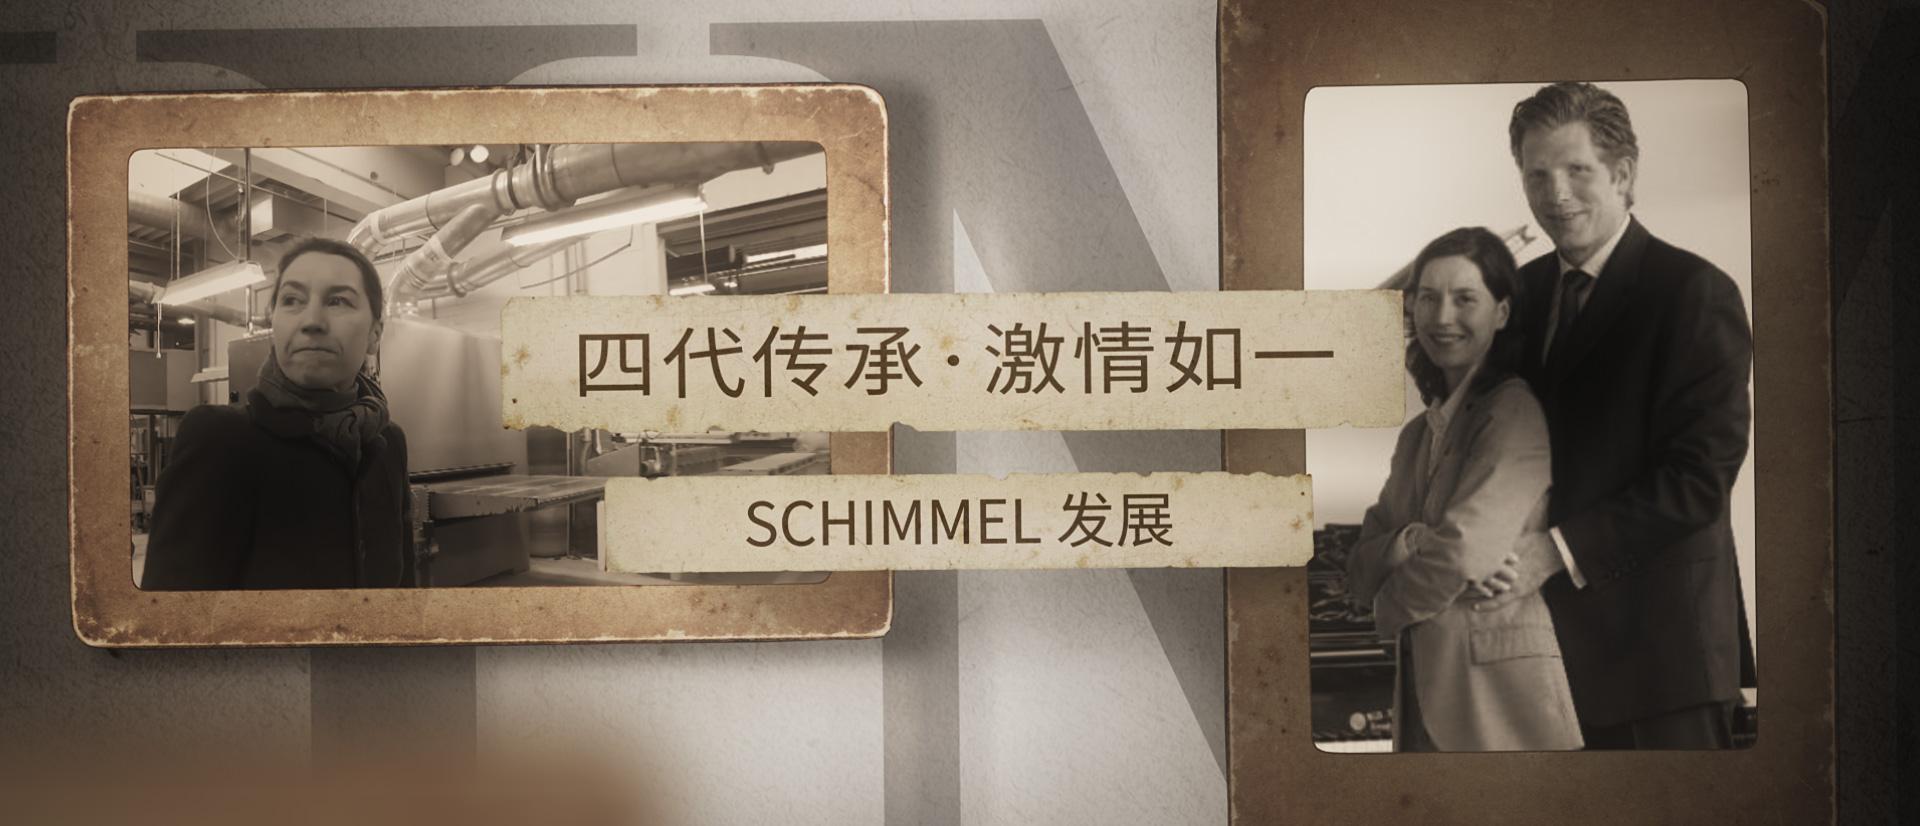 四代传承,激情如一 ——SCHIMMEL发展(四)